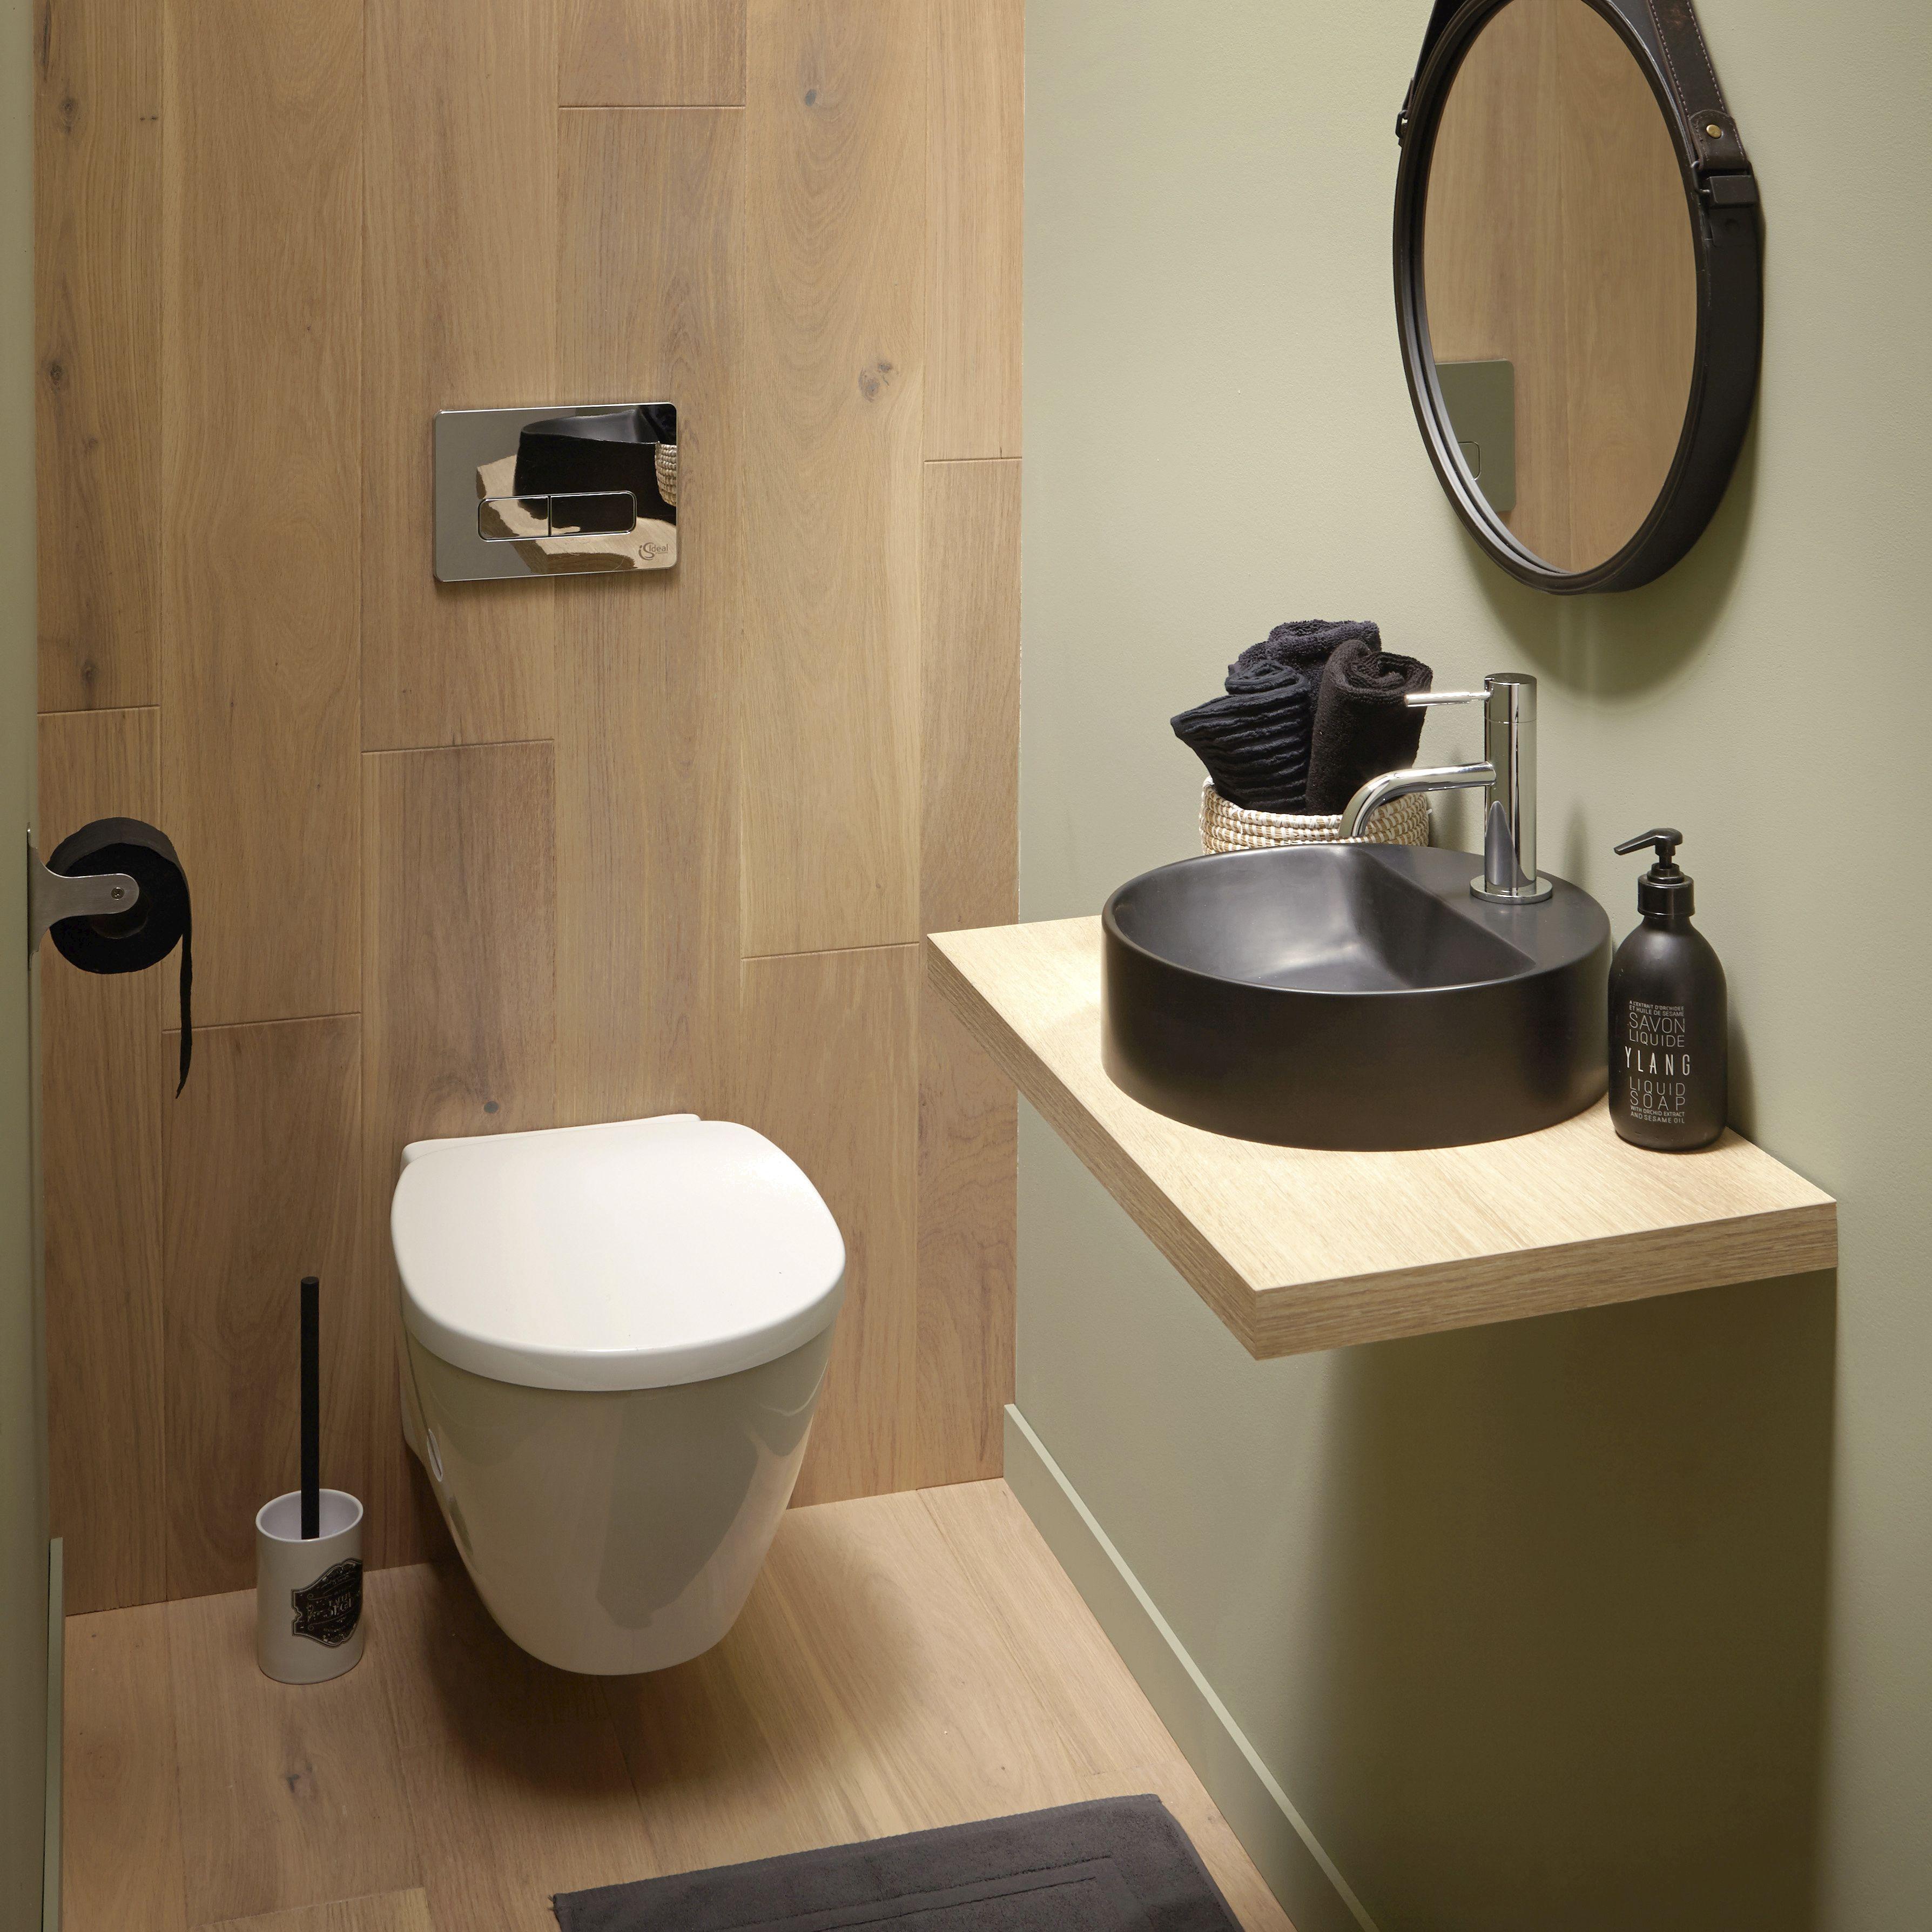 Wc Suspendu Leroy Merlin   Lave Main Wc, Déco Toilettes concernant Toilette Suspendu Leroy Merlin